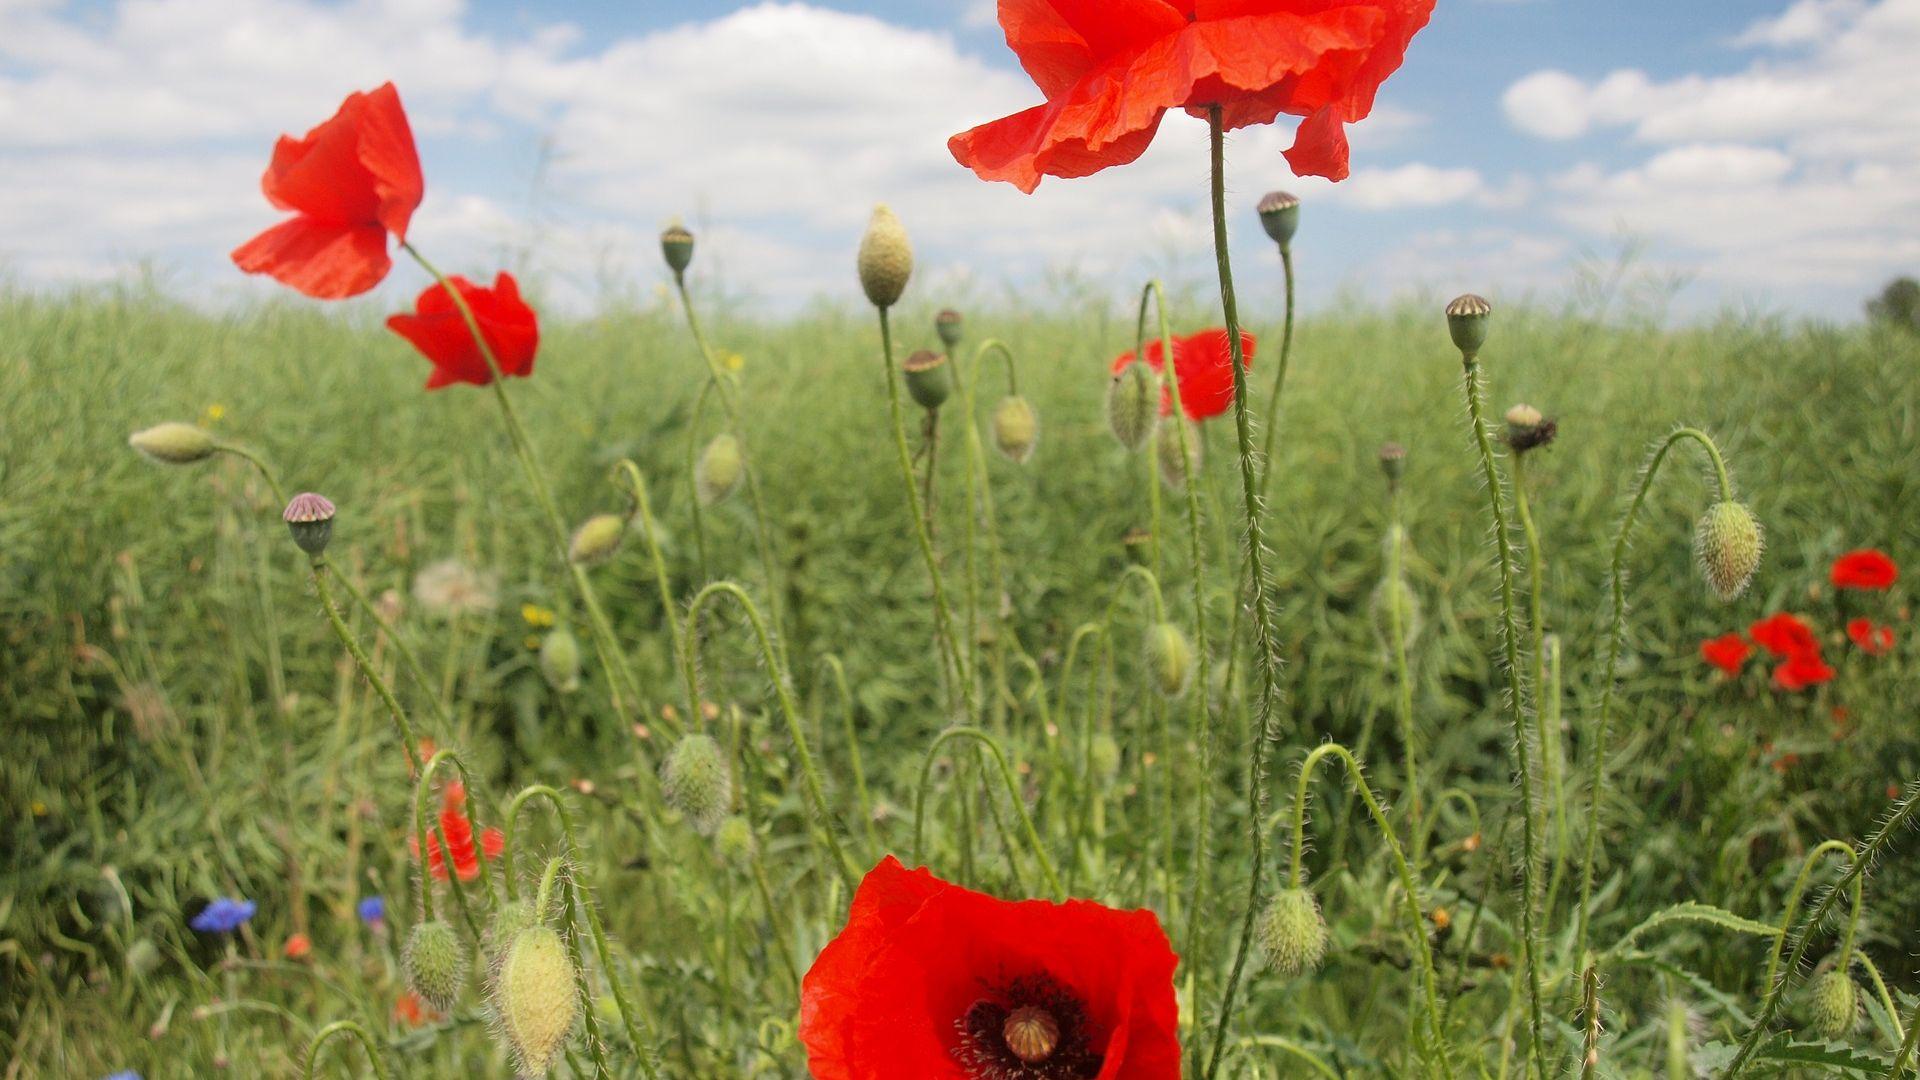 Desktop wallpaper poppy flowers field red flower hd image picture poppy flowers field red flower wallpaper mightylinksfo